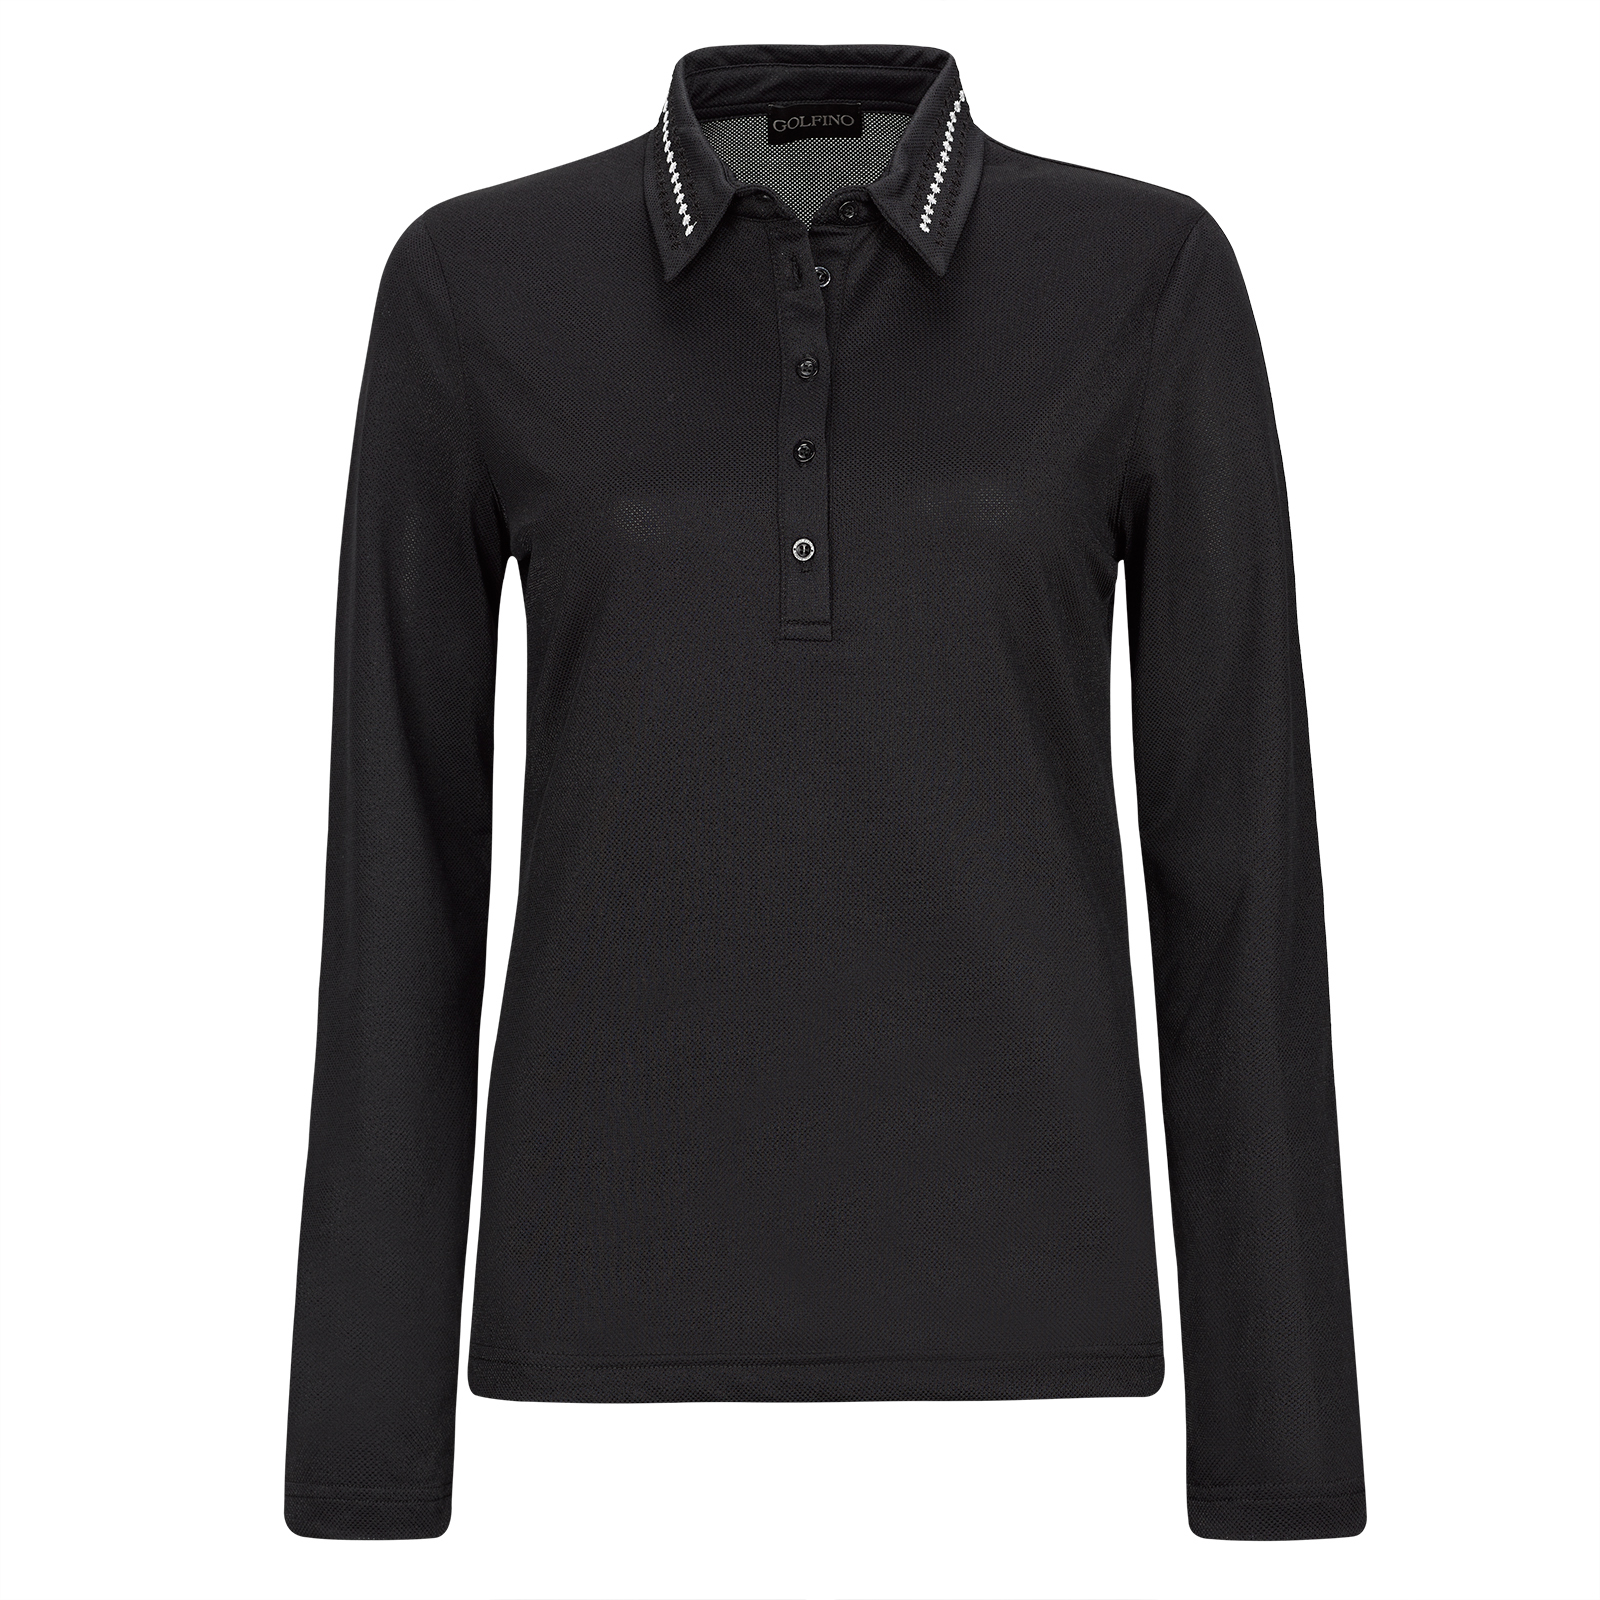 Damen Stretch-Golfpolohemd mit Moisture-Management und Pailletten-Besatz